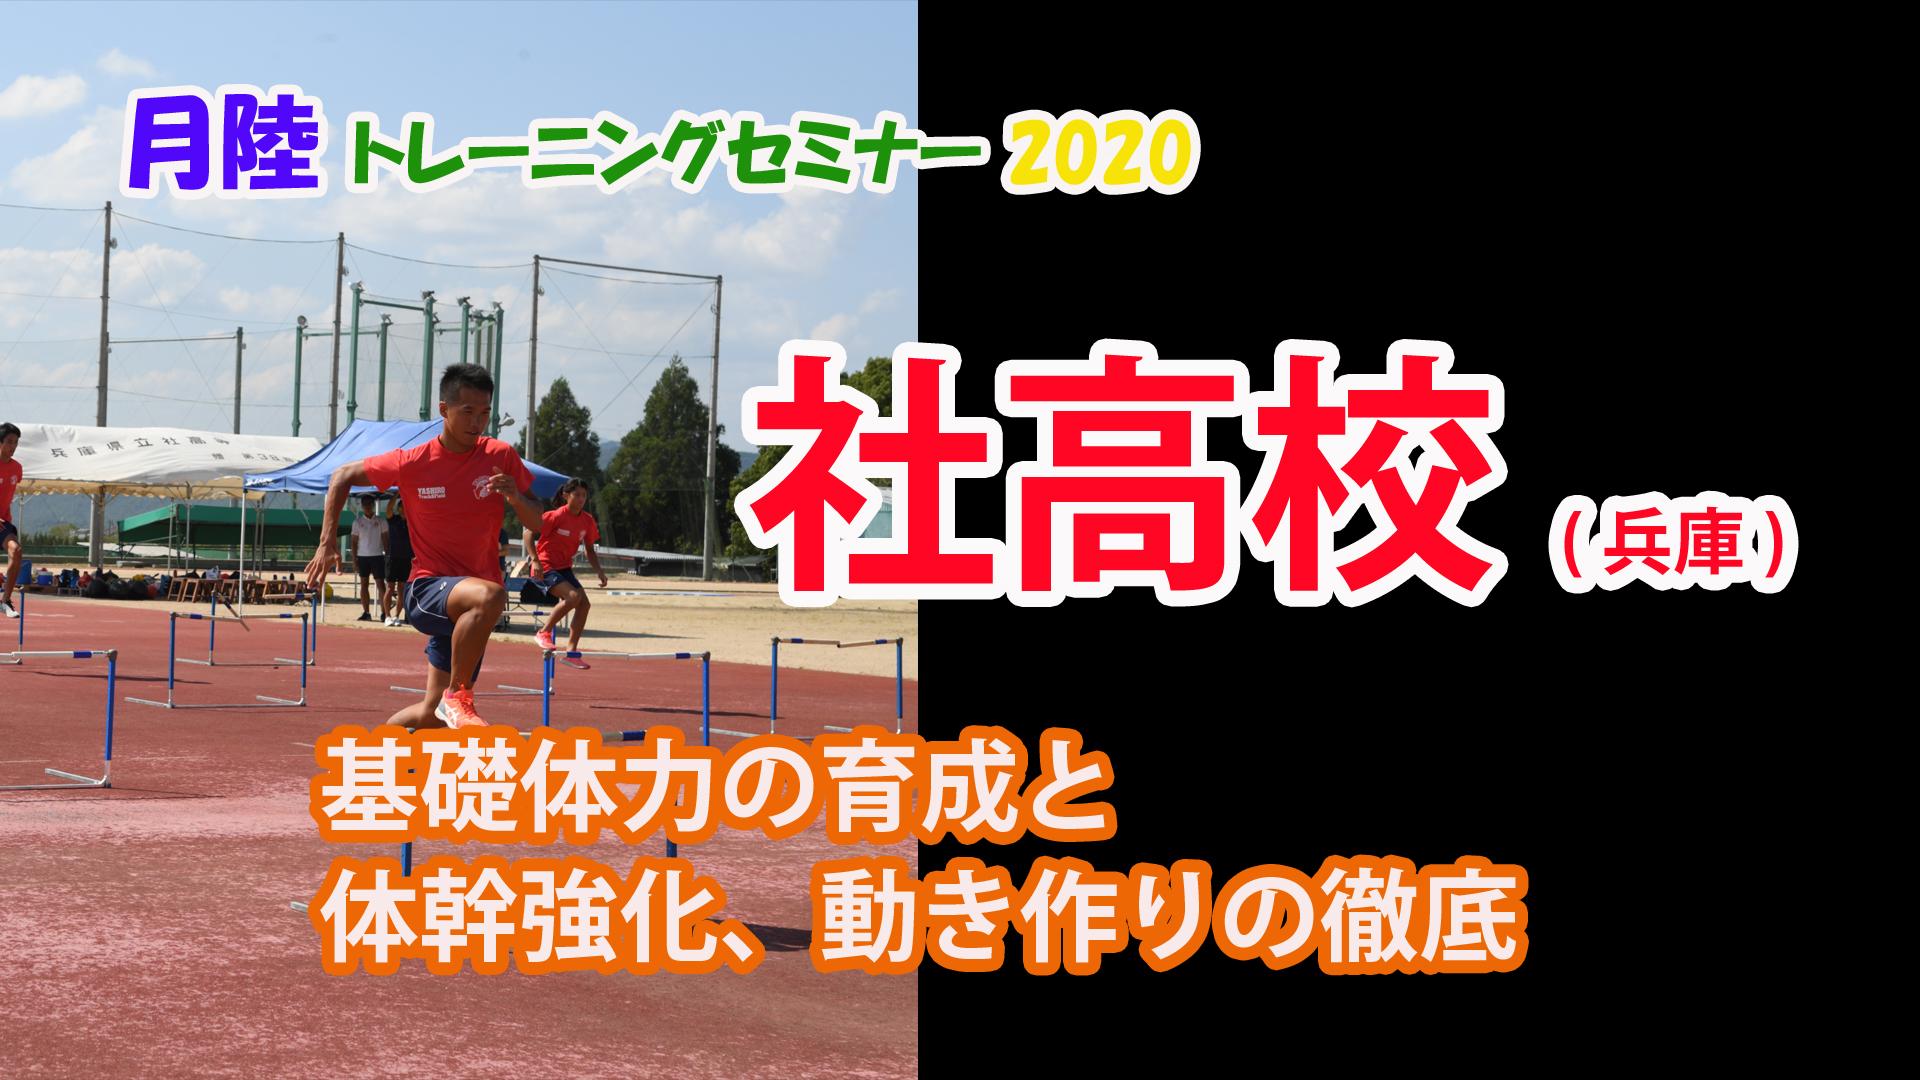 【トレーニング】月陸TRセミナー2020 社高(兵庫)基礎体力の育成と体幹強化、動きづくり